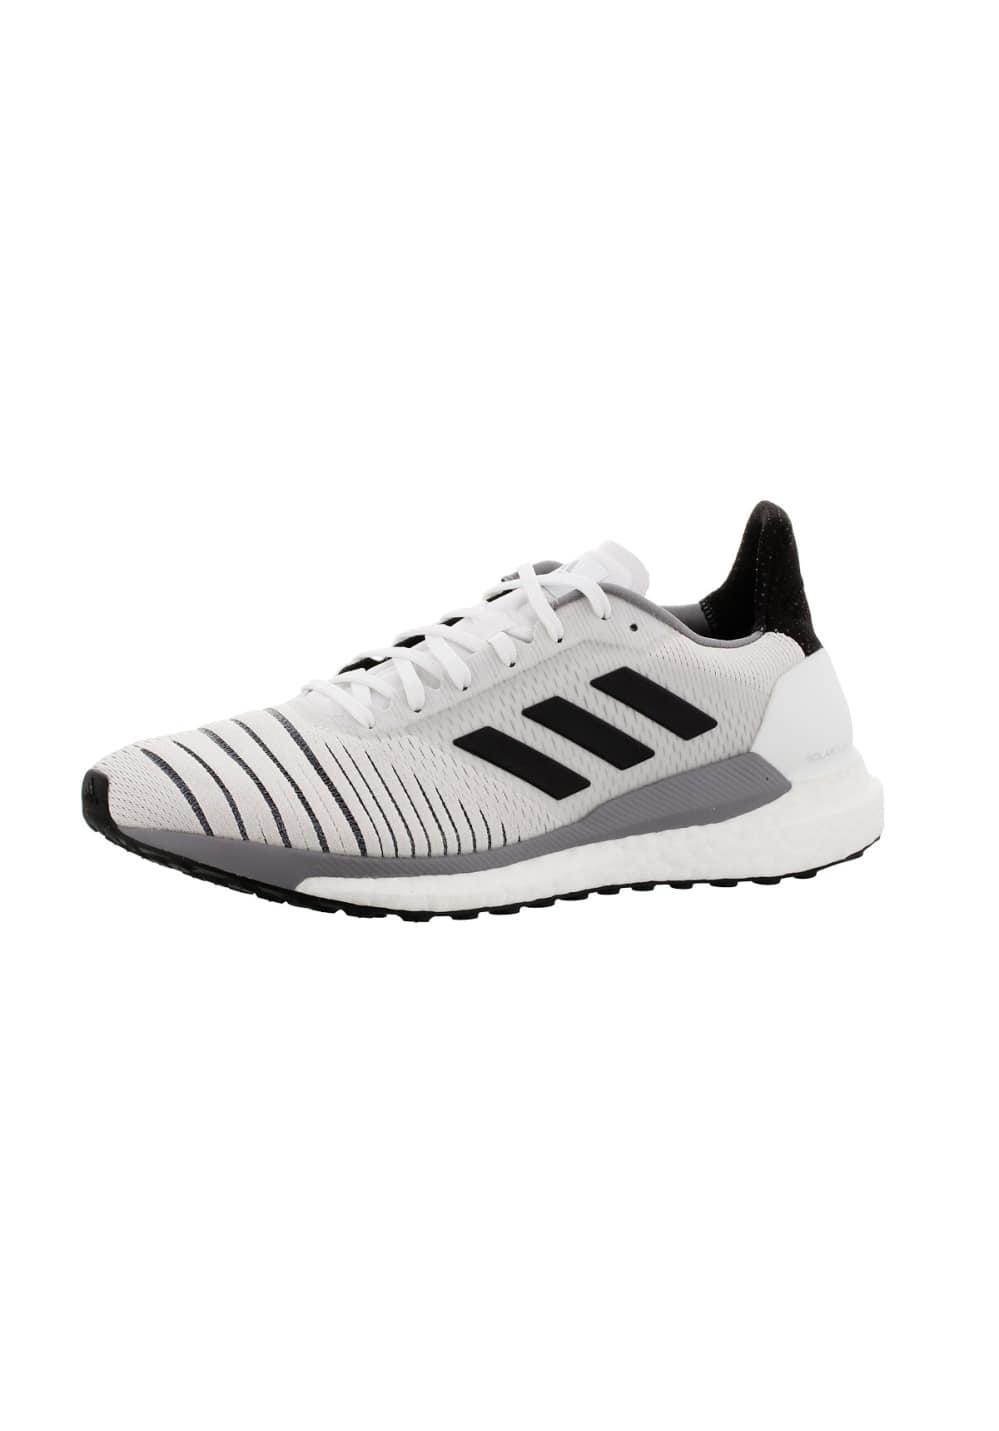 adidas Solar Glide - Laufschuhe für Damen - Weiß